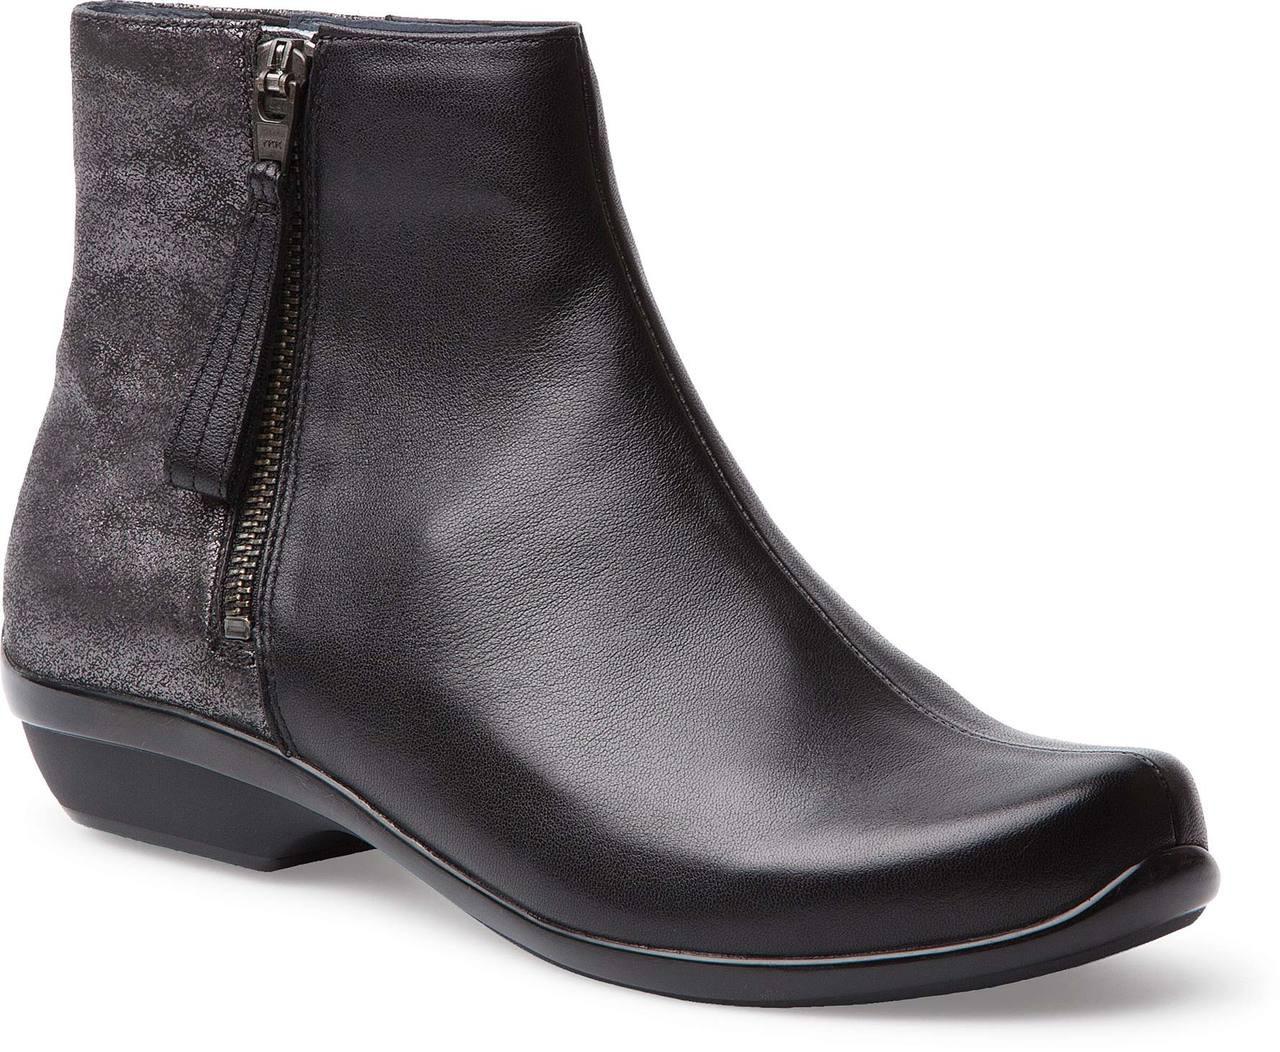 Dansko Boots Outlet